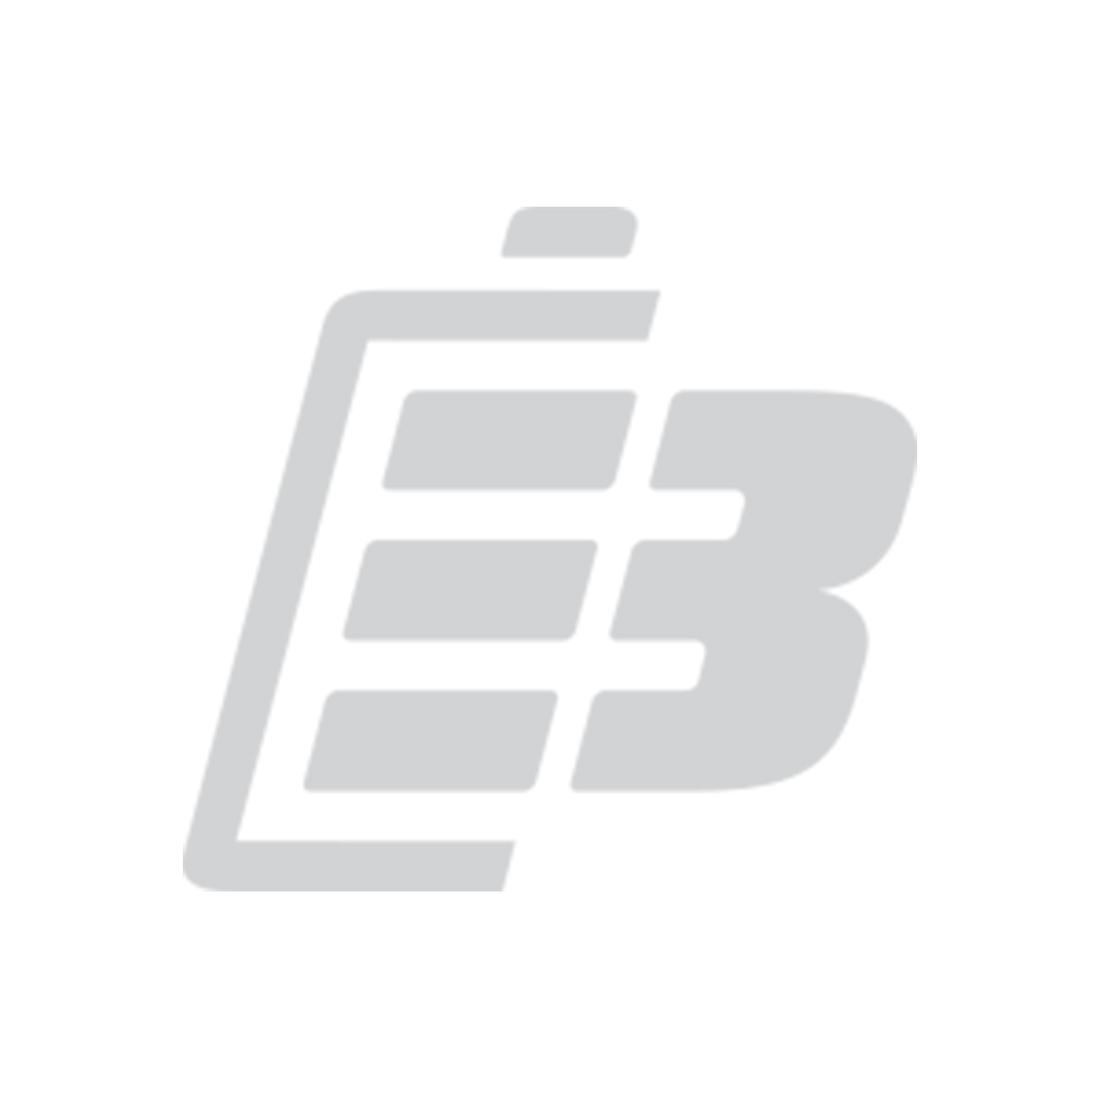 Μπαταρία ηλεκτρικού εργαλείου Black & Decker 14.4V 3.0Ah_1